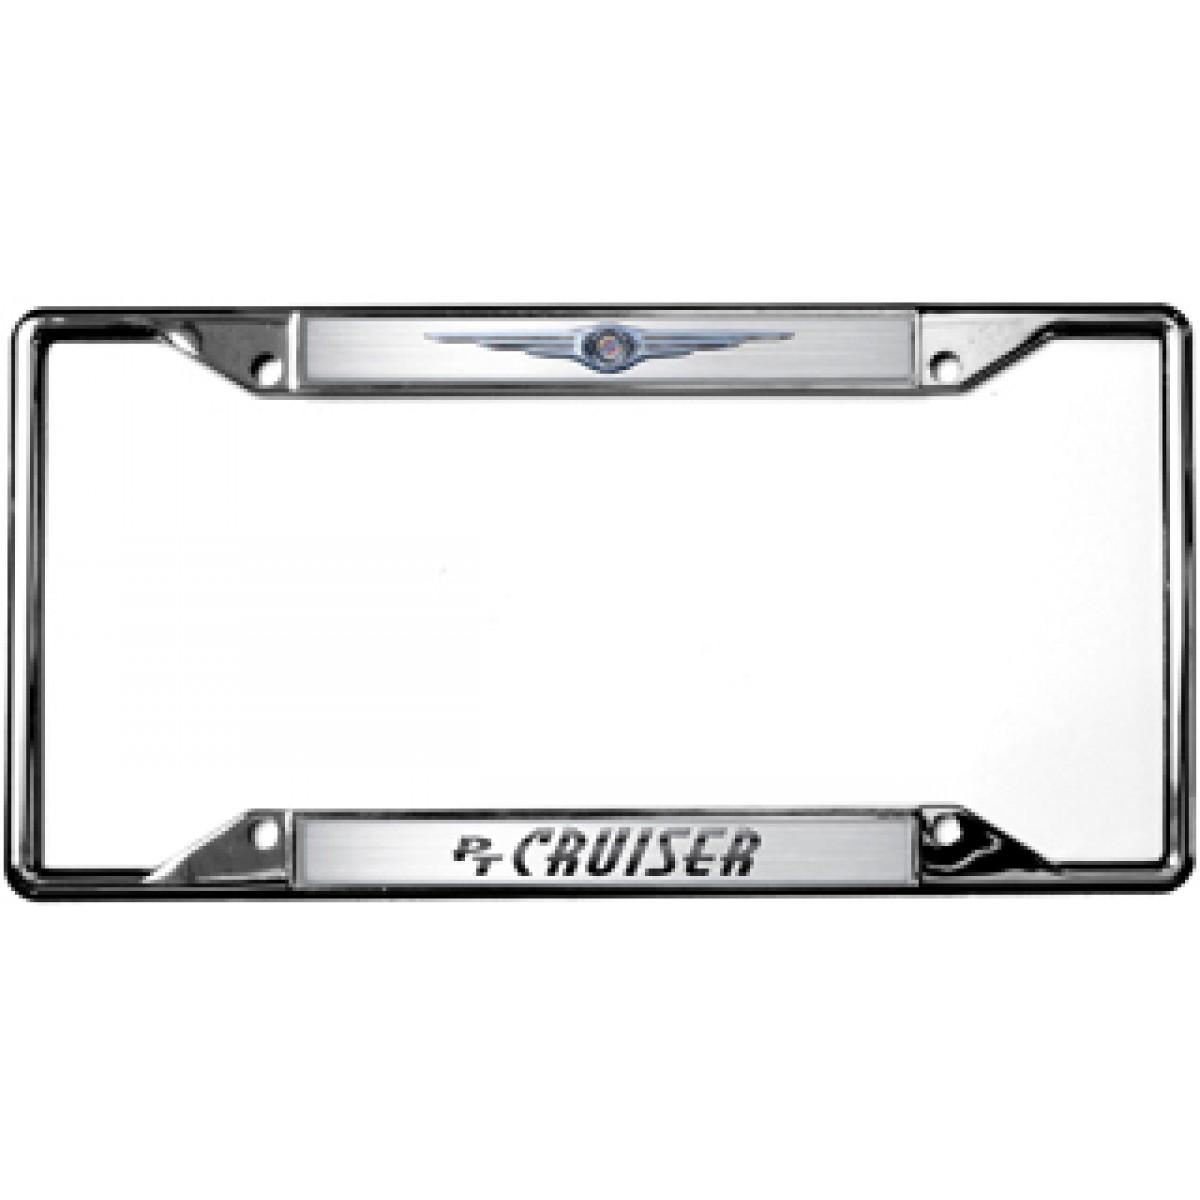 Chrysler logo pt cruiser license plate frame